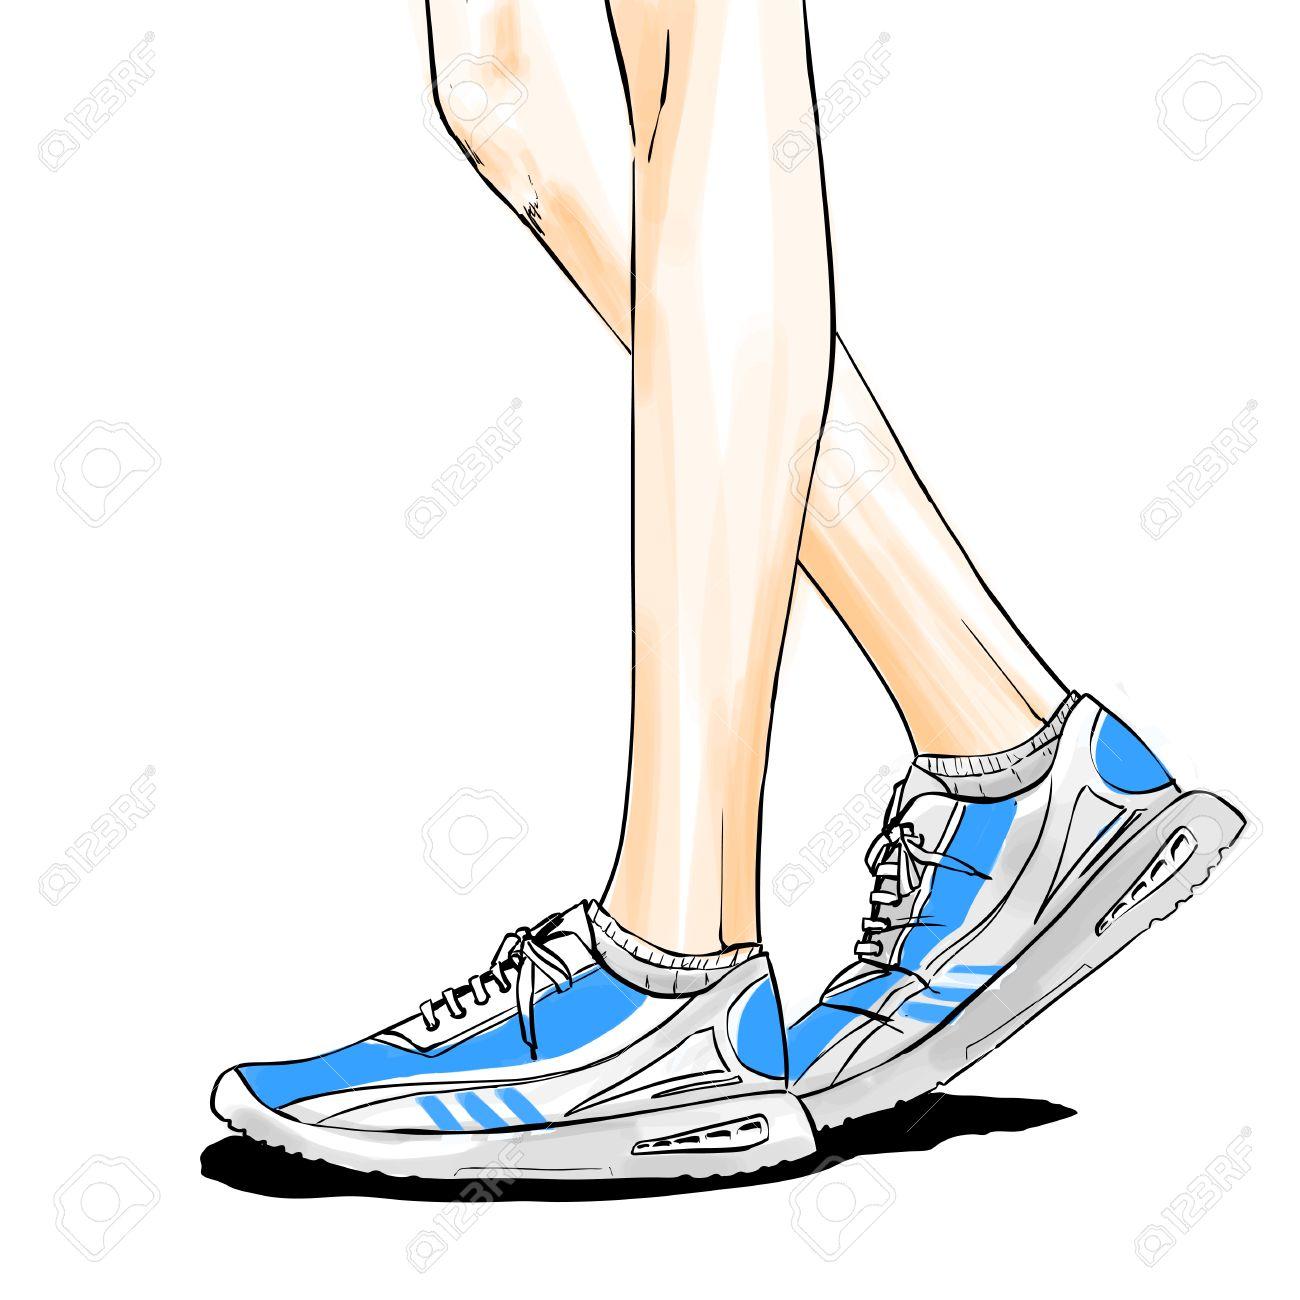 Mujer CorrerQue Dibujo Los Tipo De Las Para Zapatos Activan Ilustración Estilo Delgadas La Piernas En Con CómicsVector El Color rxhQdtsBCo